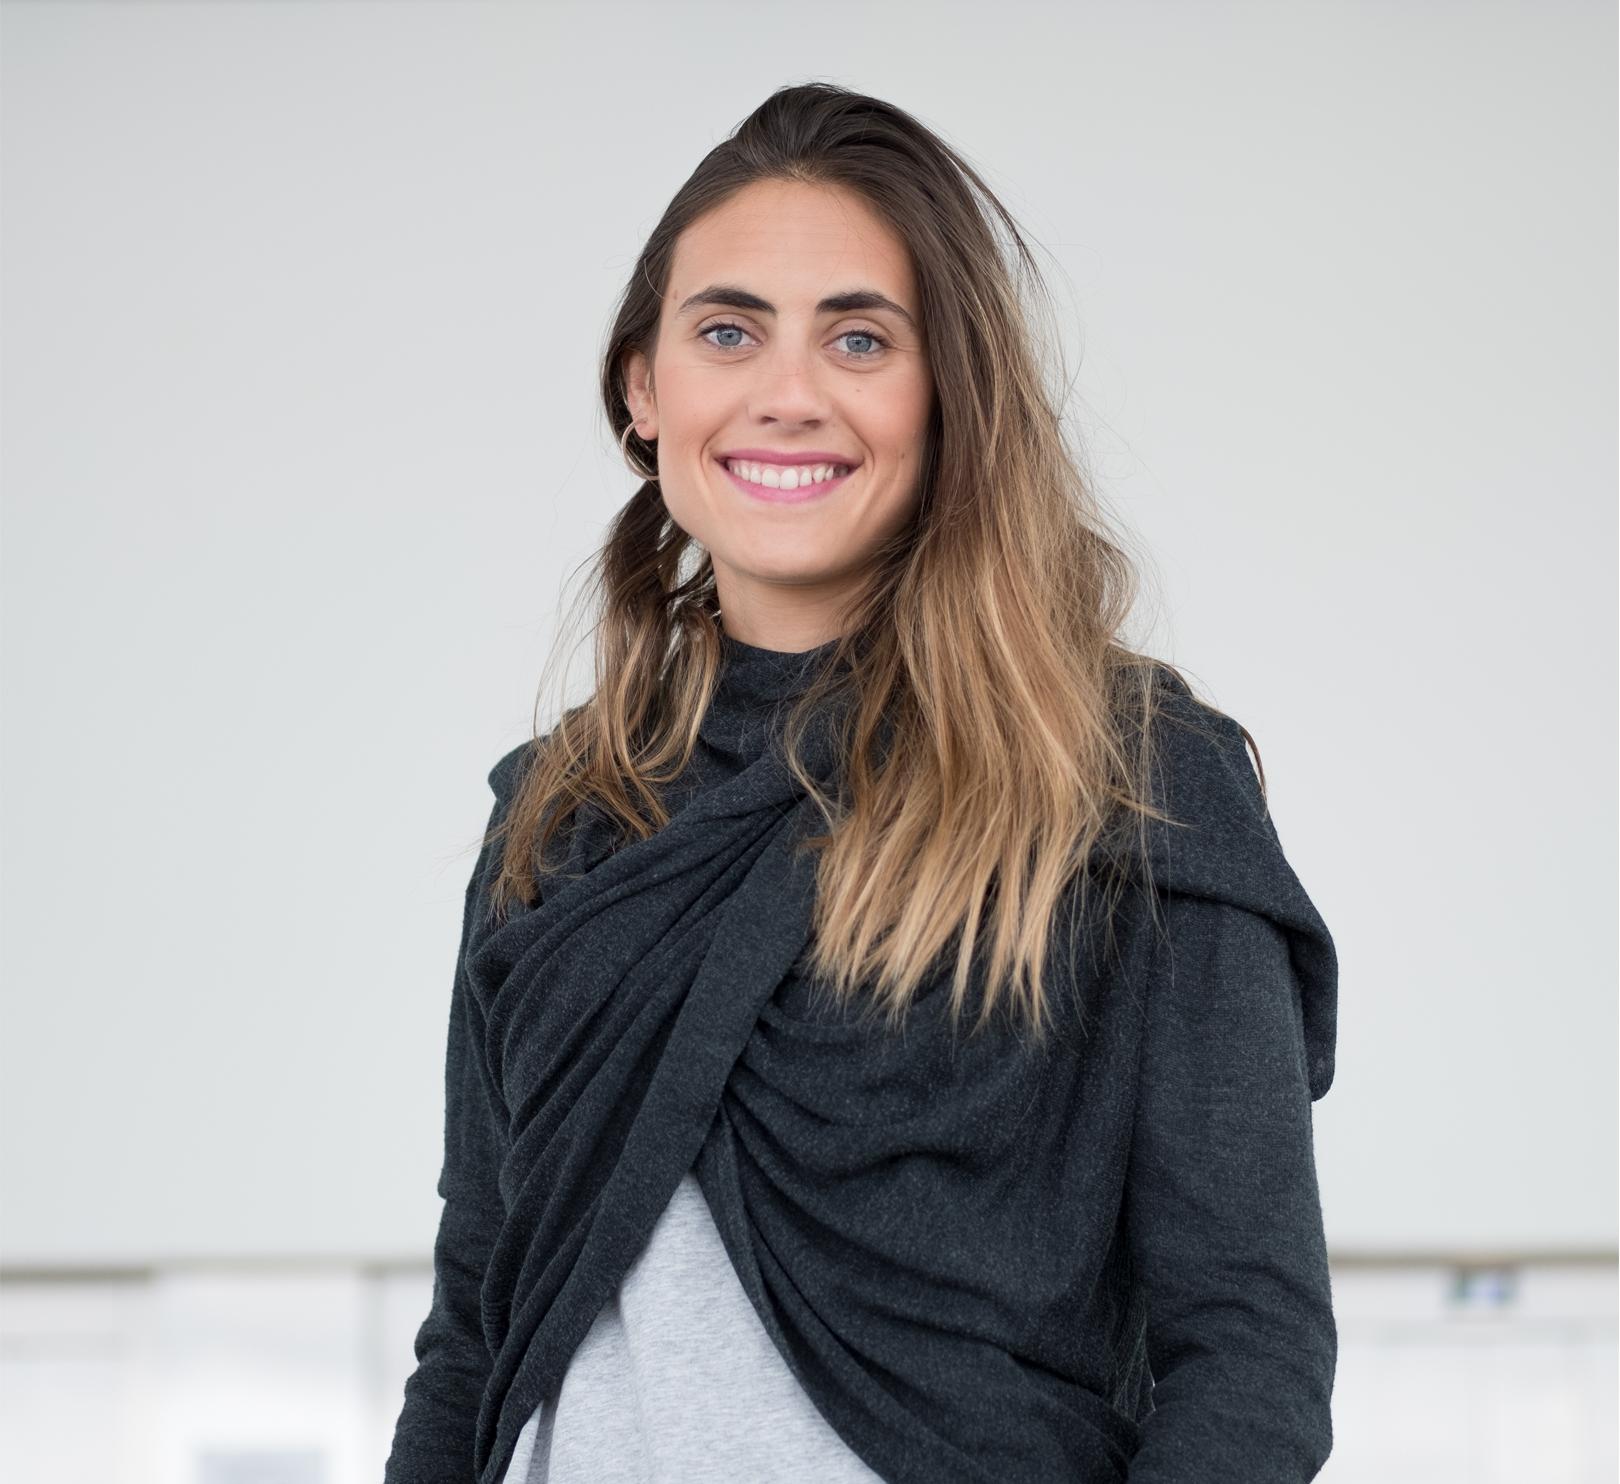 Beatriz montabes nola estudio comunicación digital en Donostia